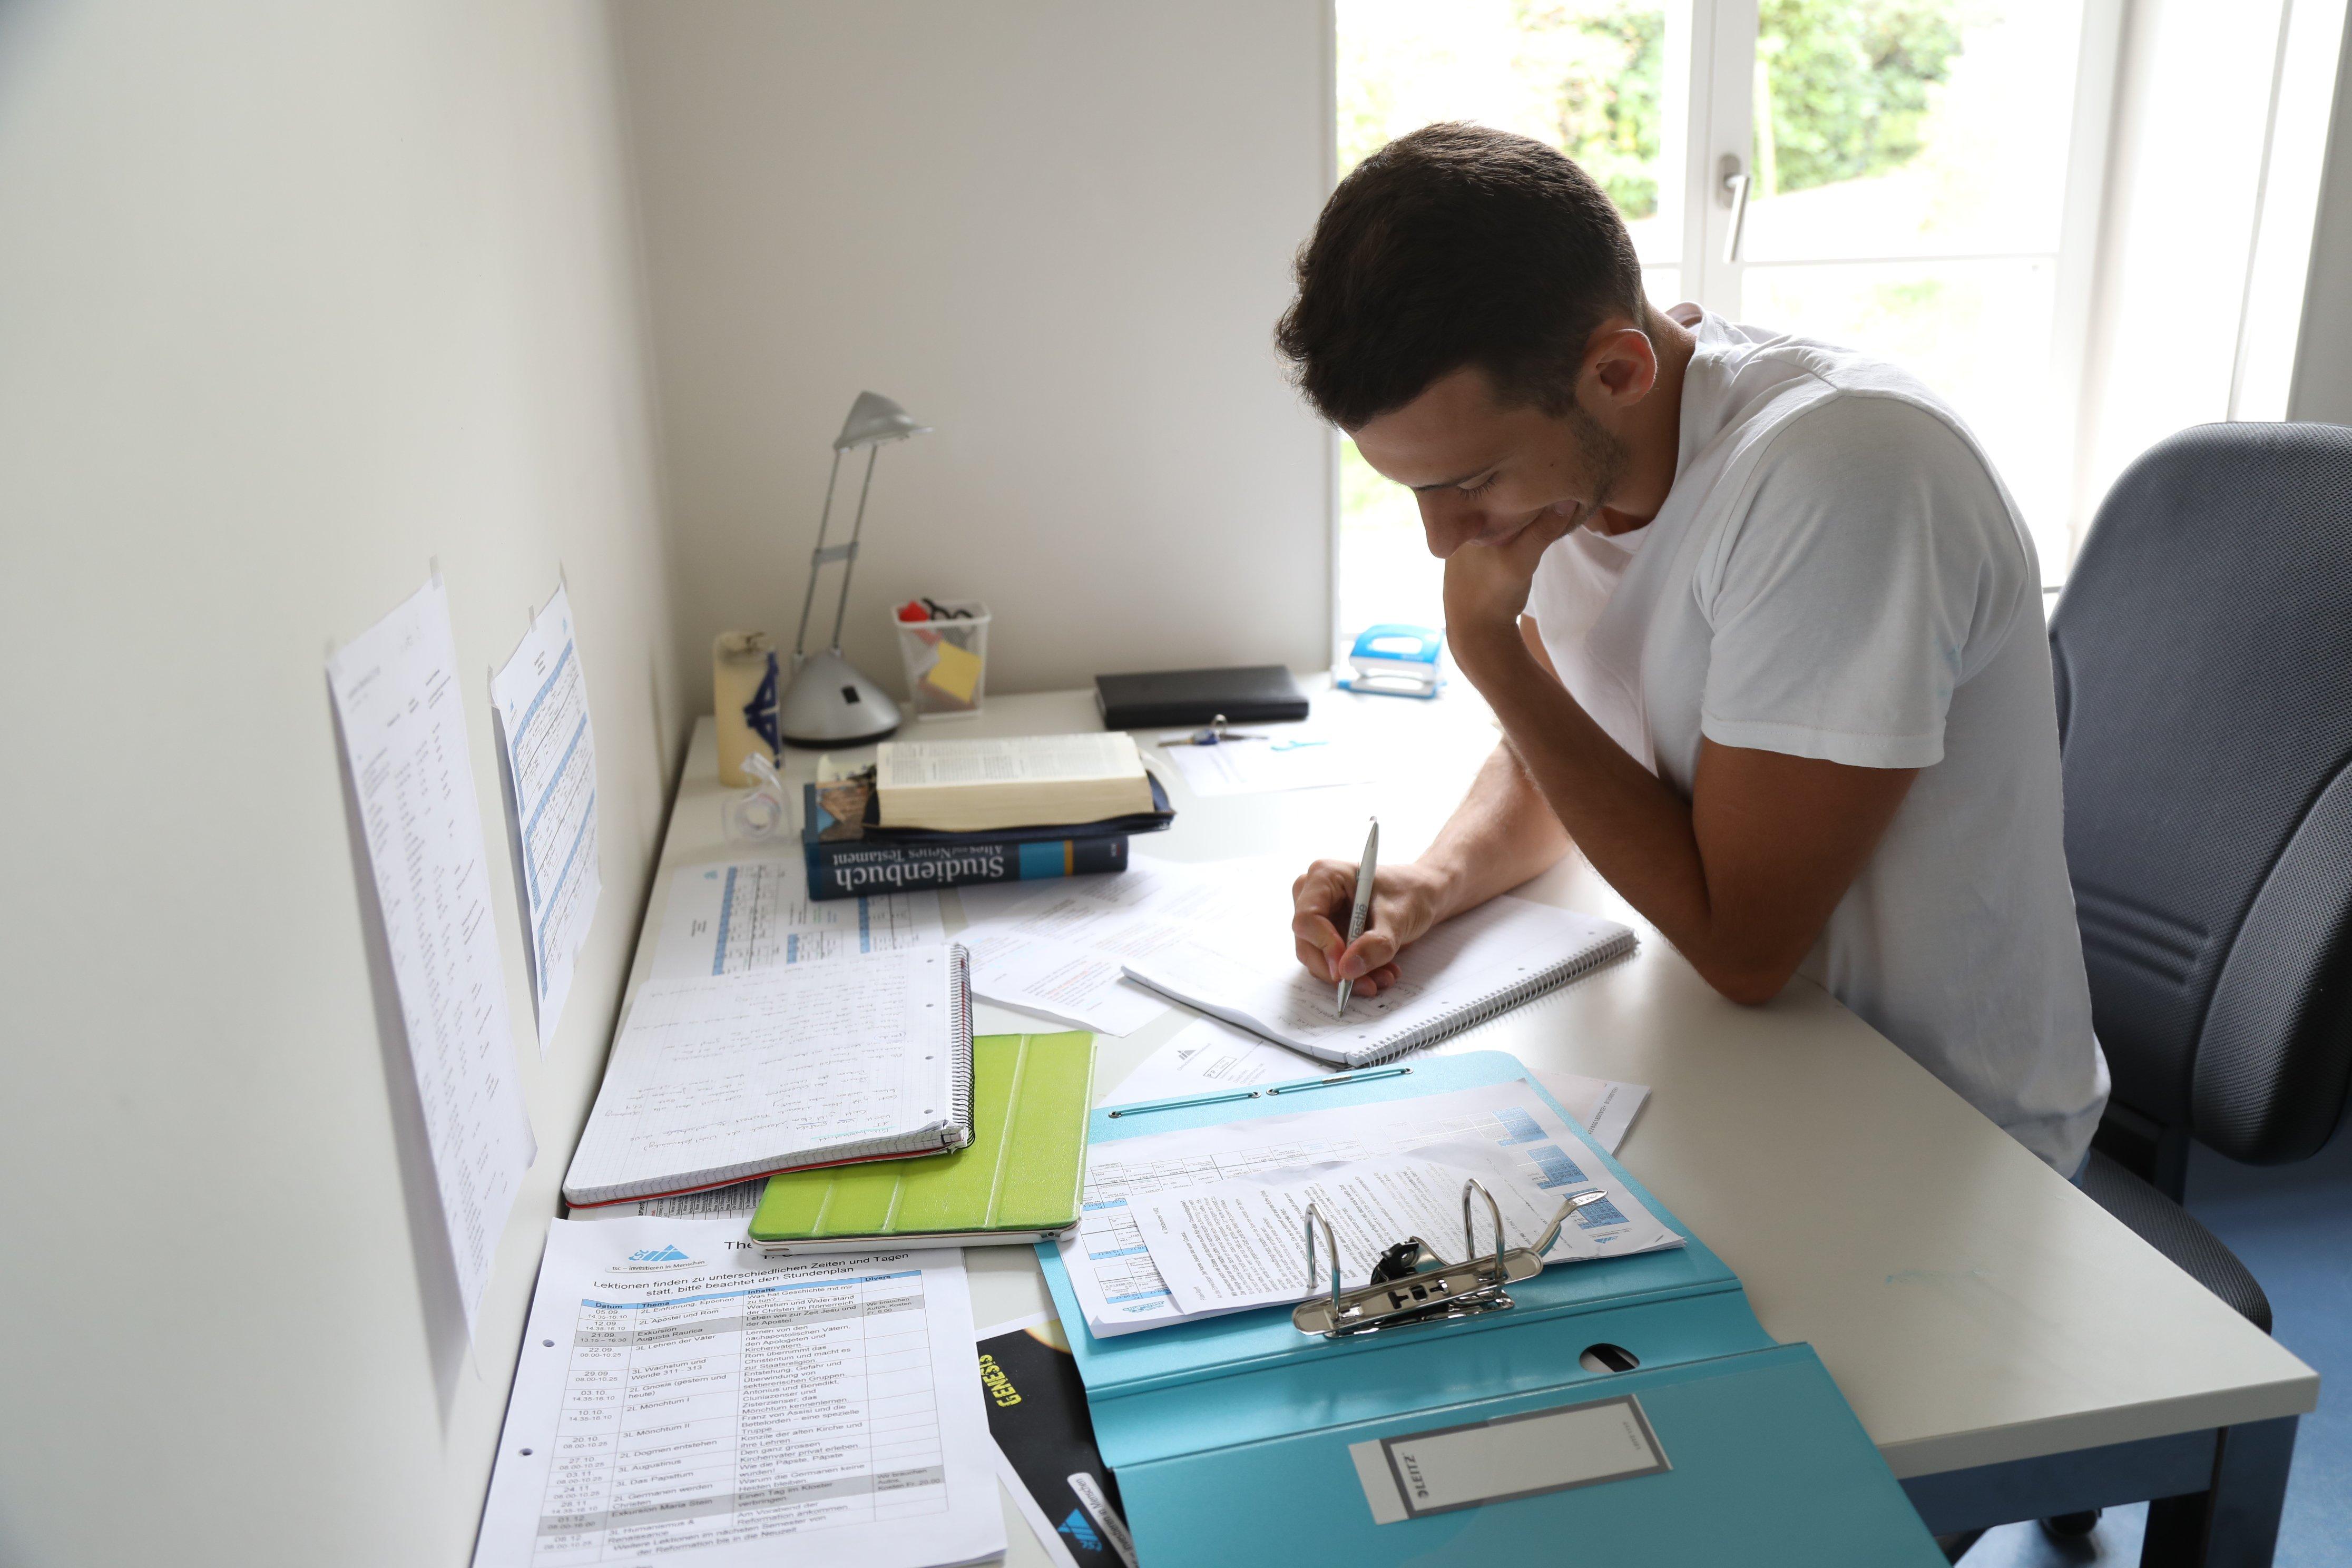 tsc-Student beim Lernen (Foto: Lichtspiel, Adine Schweizer)